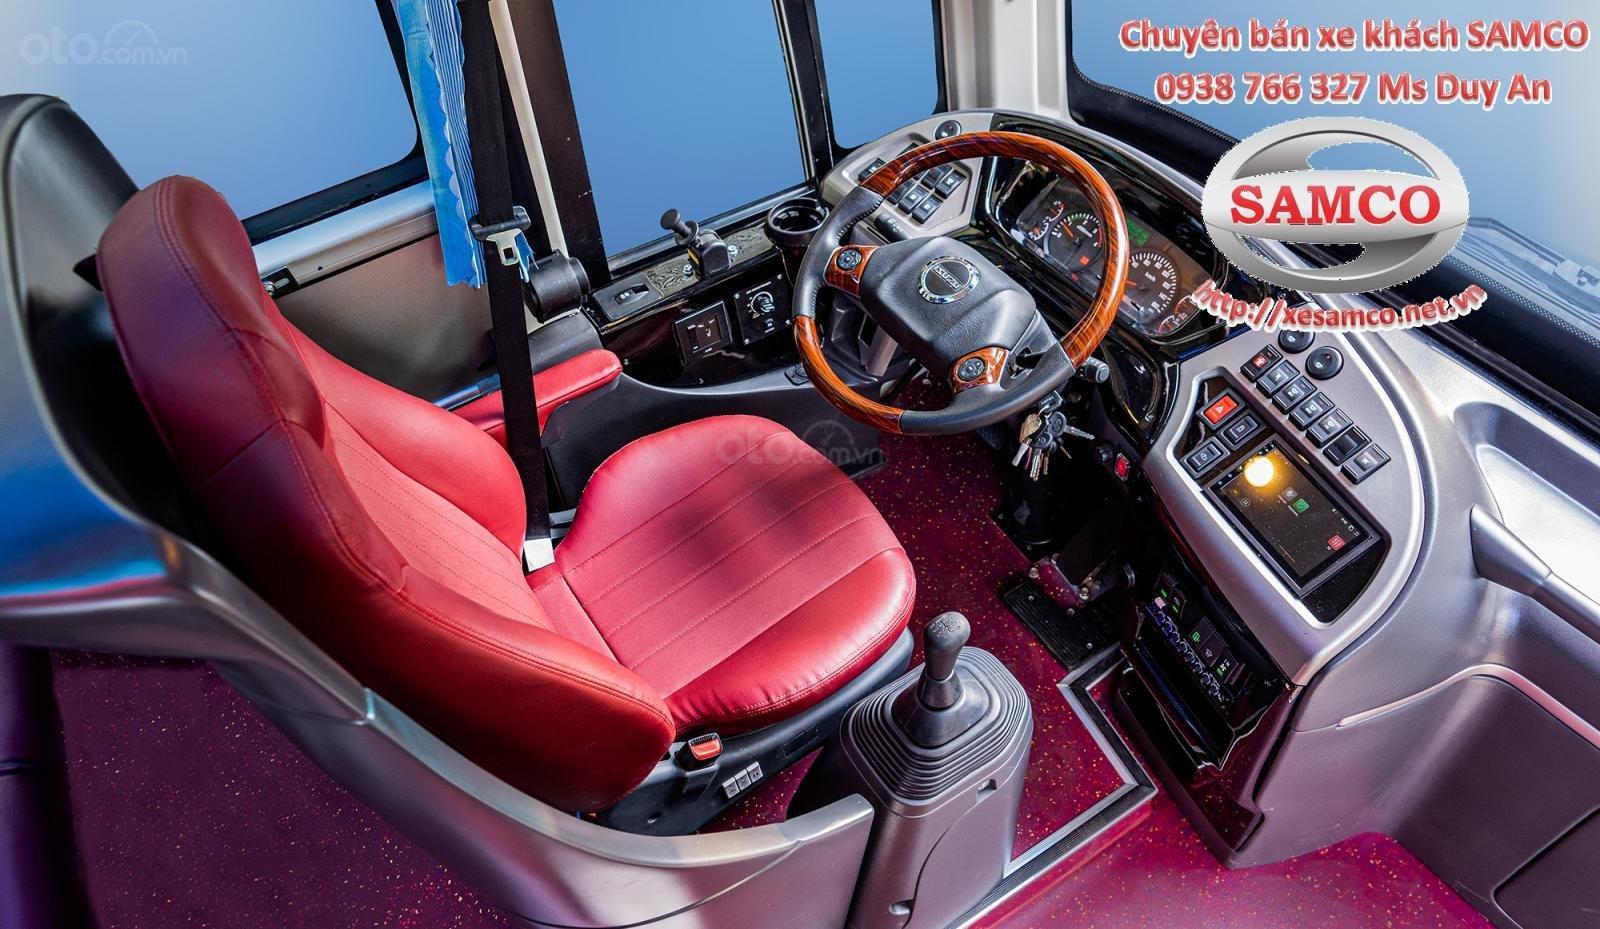 Bán xe khách Samco 29 chỗ ngồi động cơ Isuzu 5.2cc - Samco Growin - 06 bầu hơi máy sau (8)